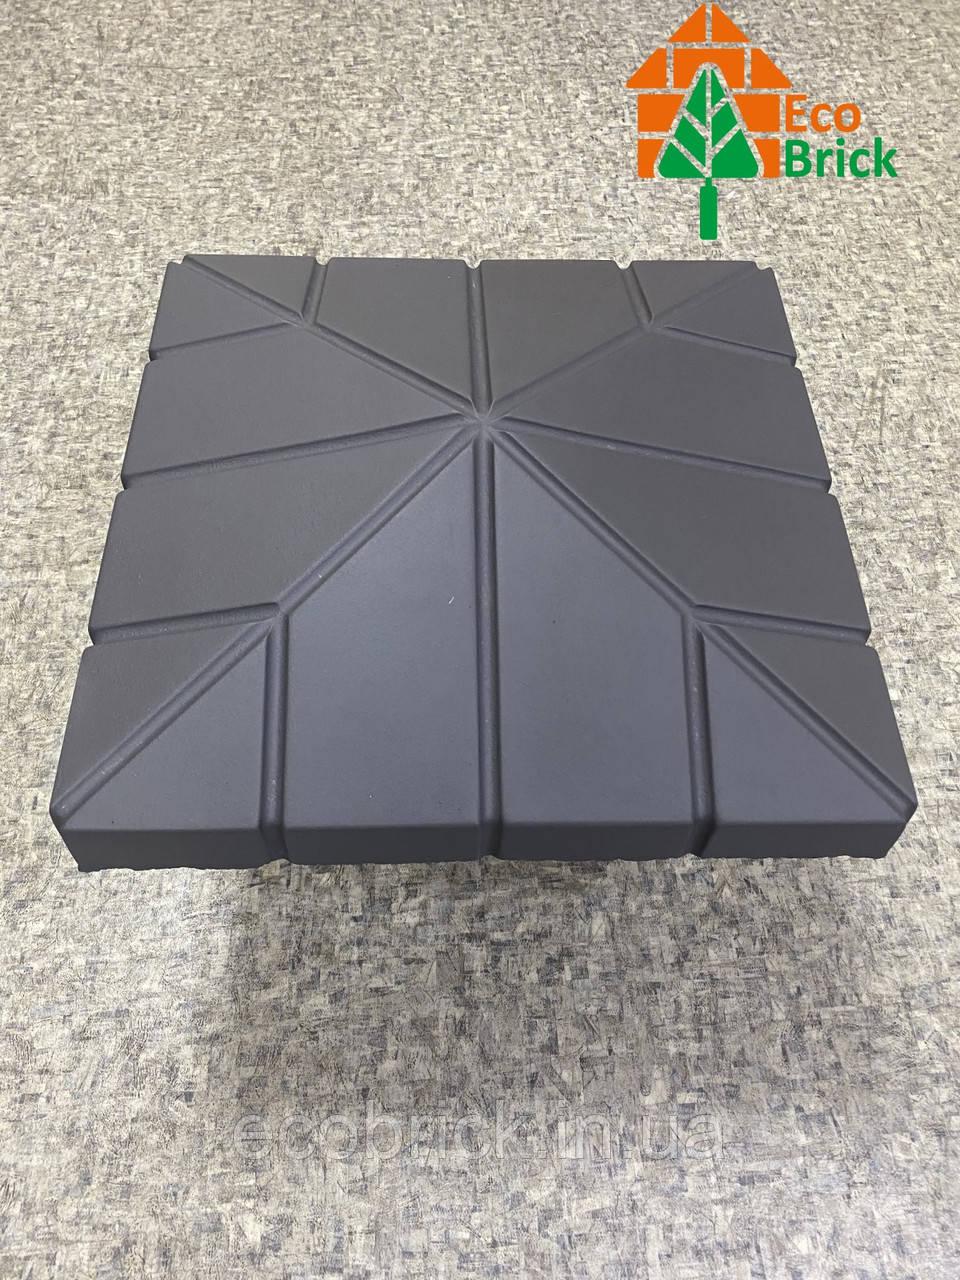 Крышки для забора Руст. Размер, мм – 450х450 мм